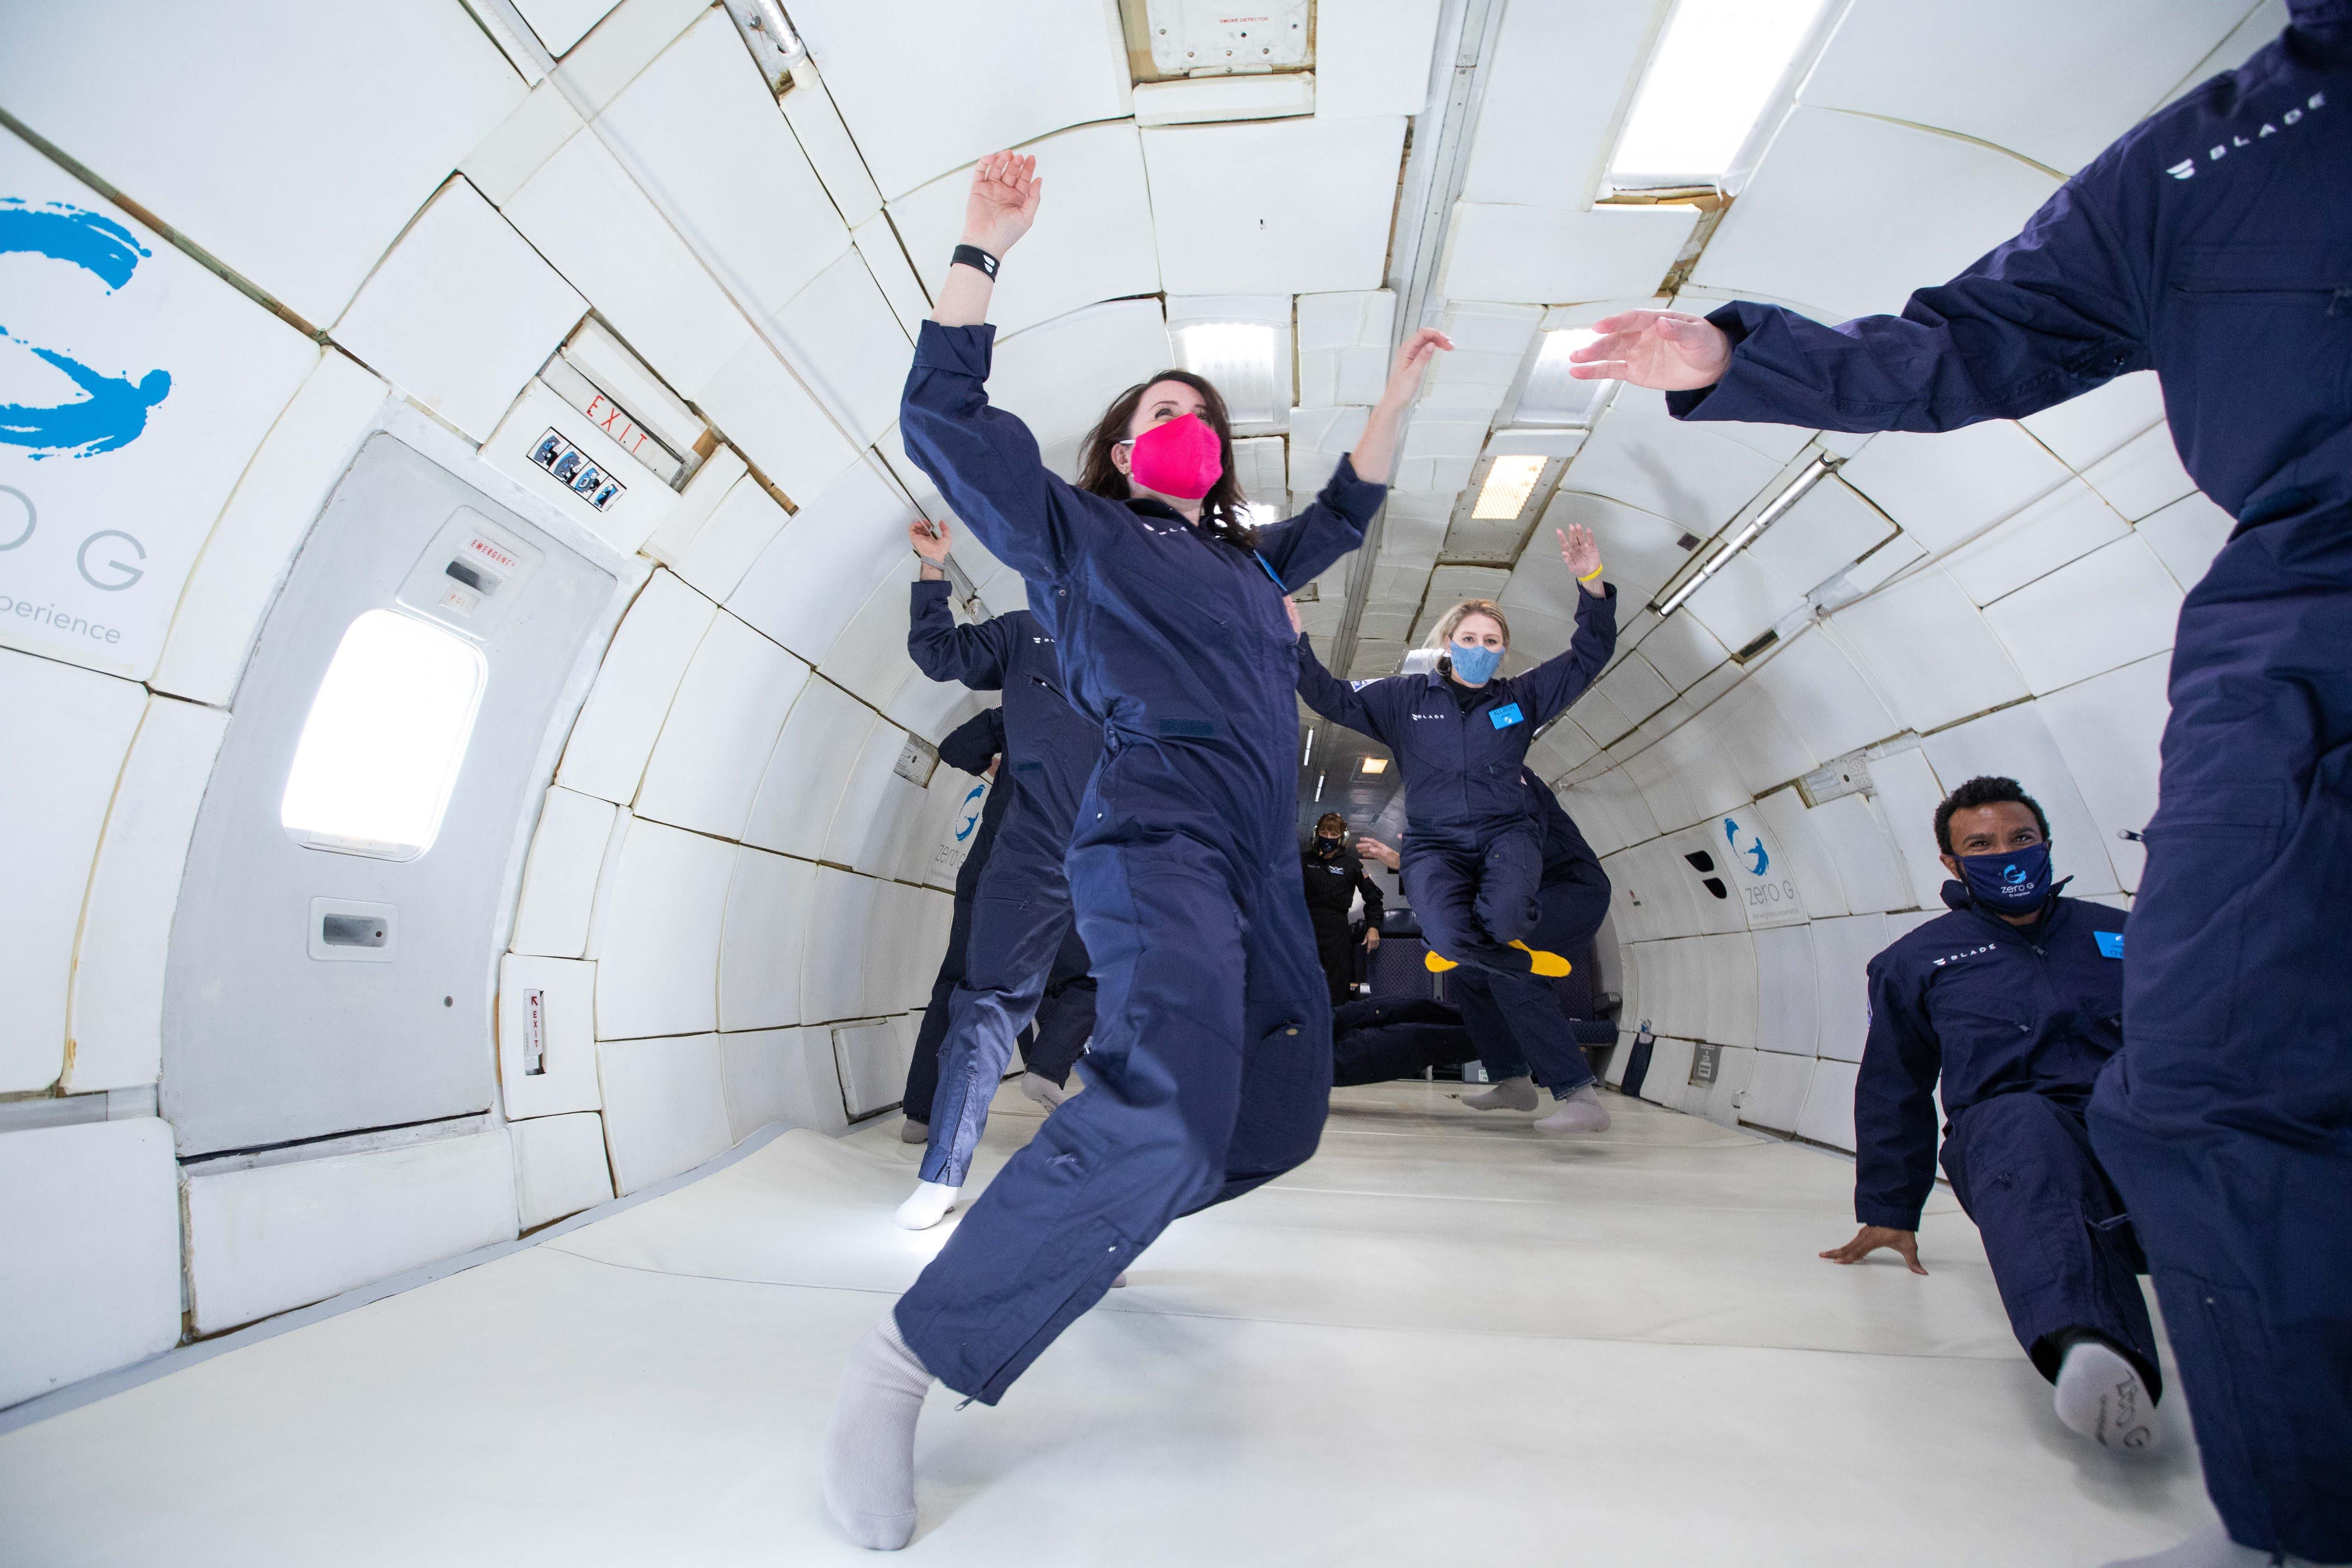 Chelsea Gohd de Space.com flotte en gravité lunaire sur cette photo d'un vol Zero-G qui simule la gravité lunaire, martienne et zéro.